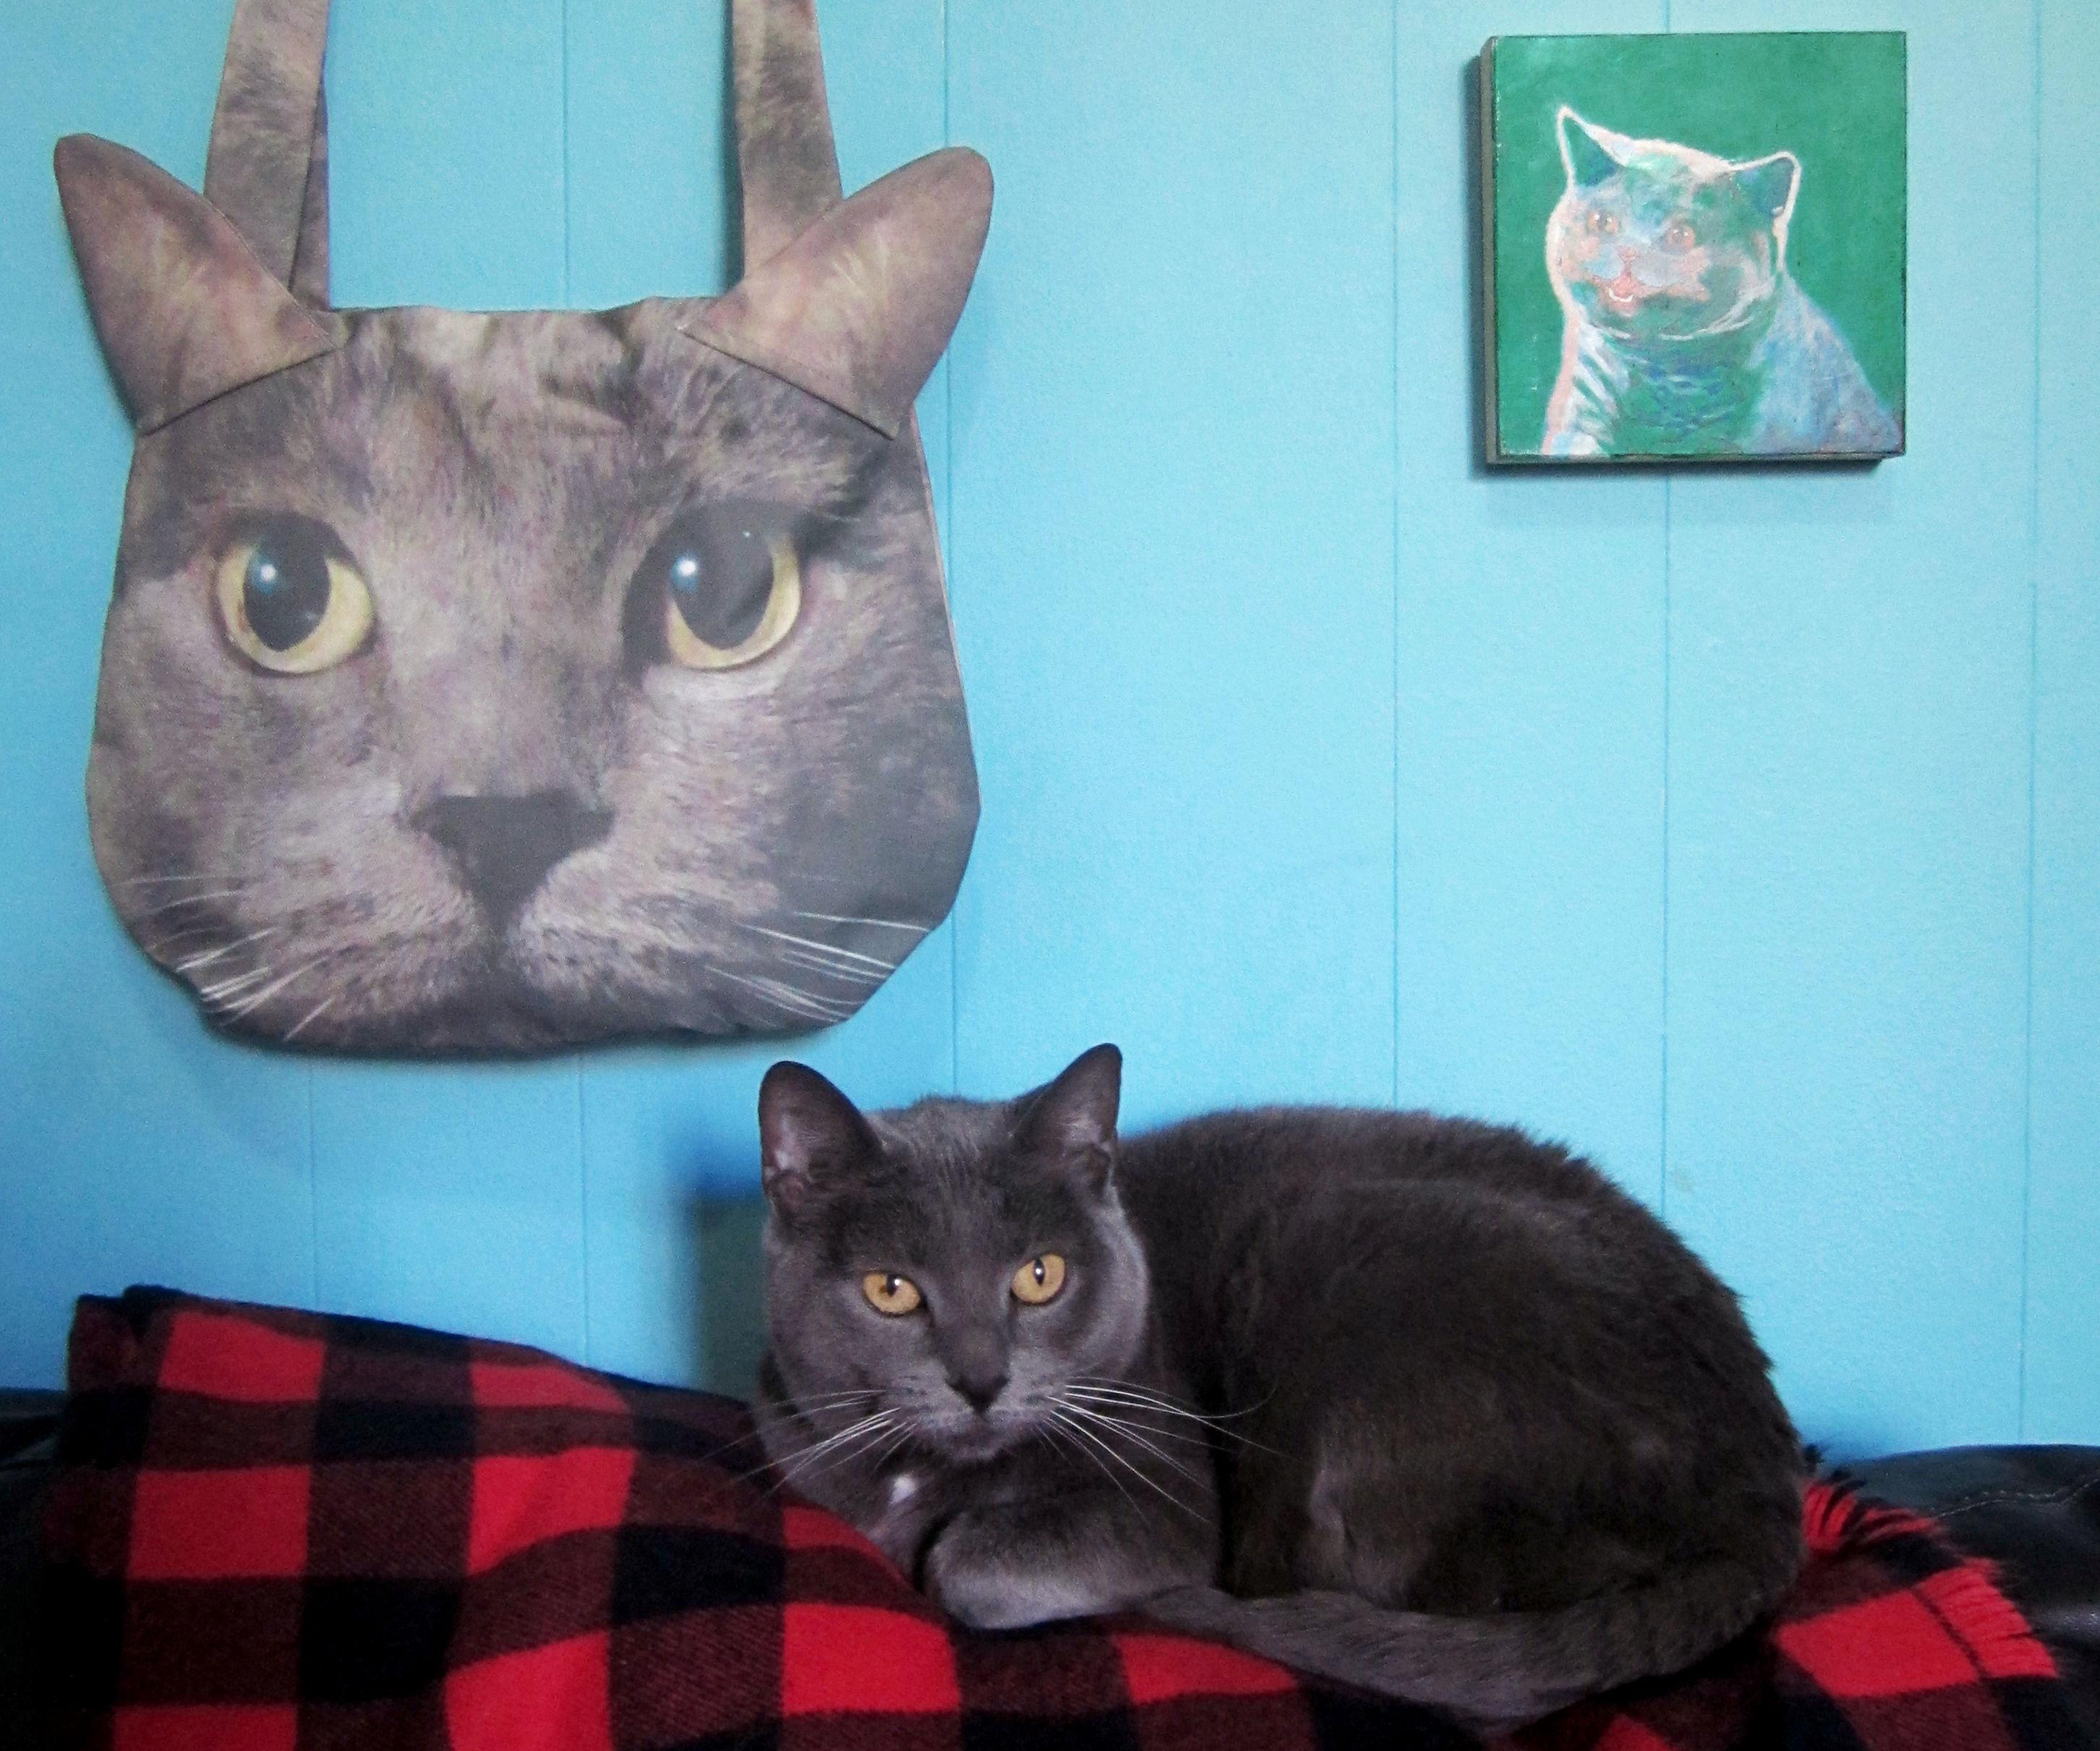 DIY Cat Purse Using Custom Photo